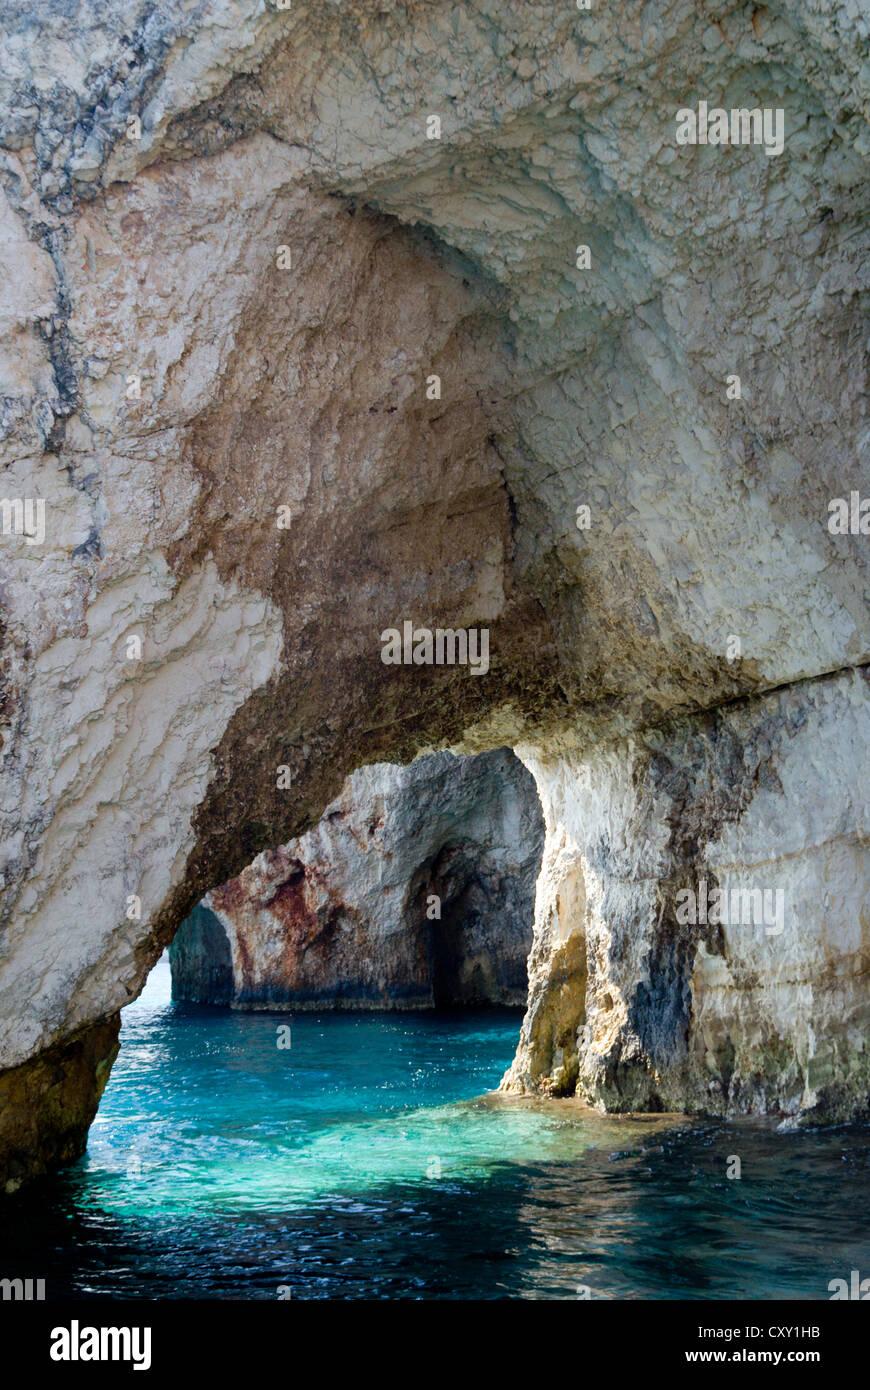 Les grottes blue, skinari, zante/zante, îles Ioniennes, Grèce. Banque D'Images